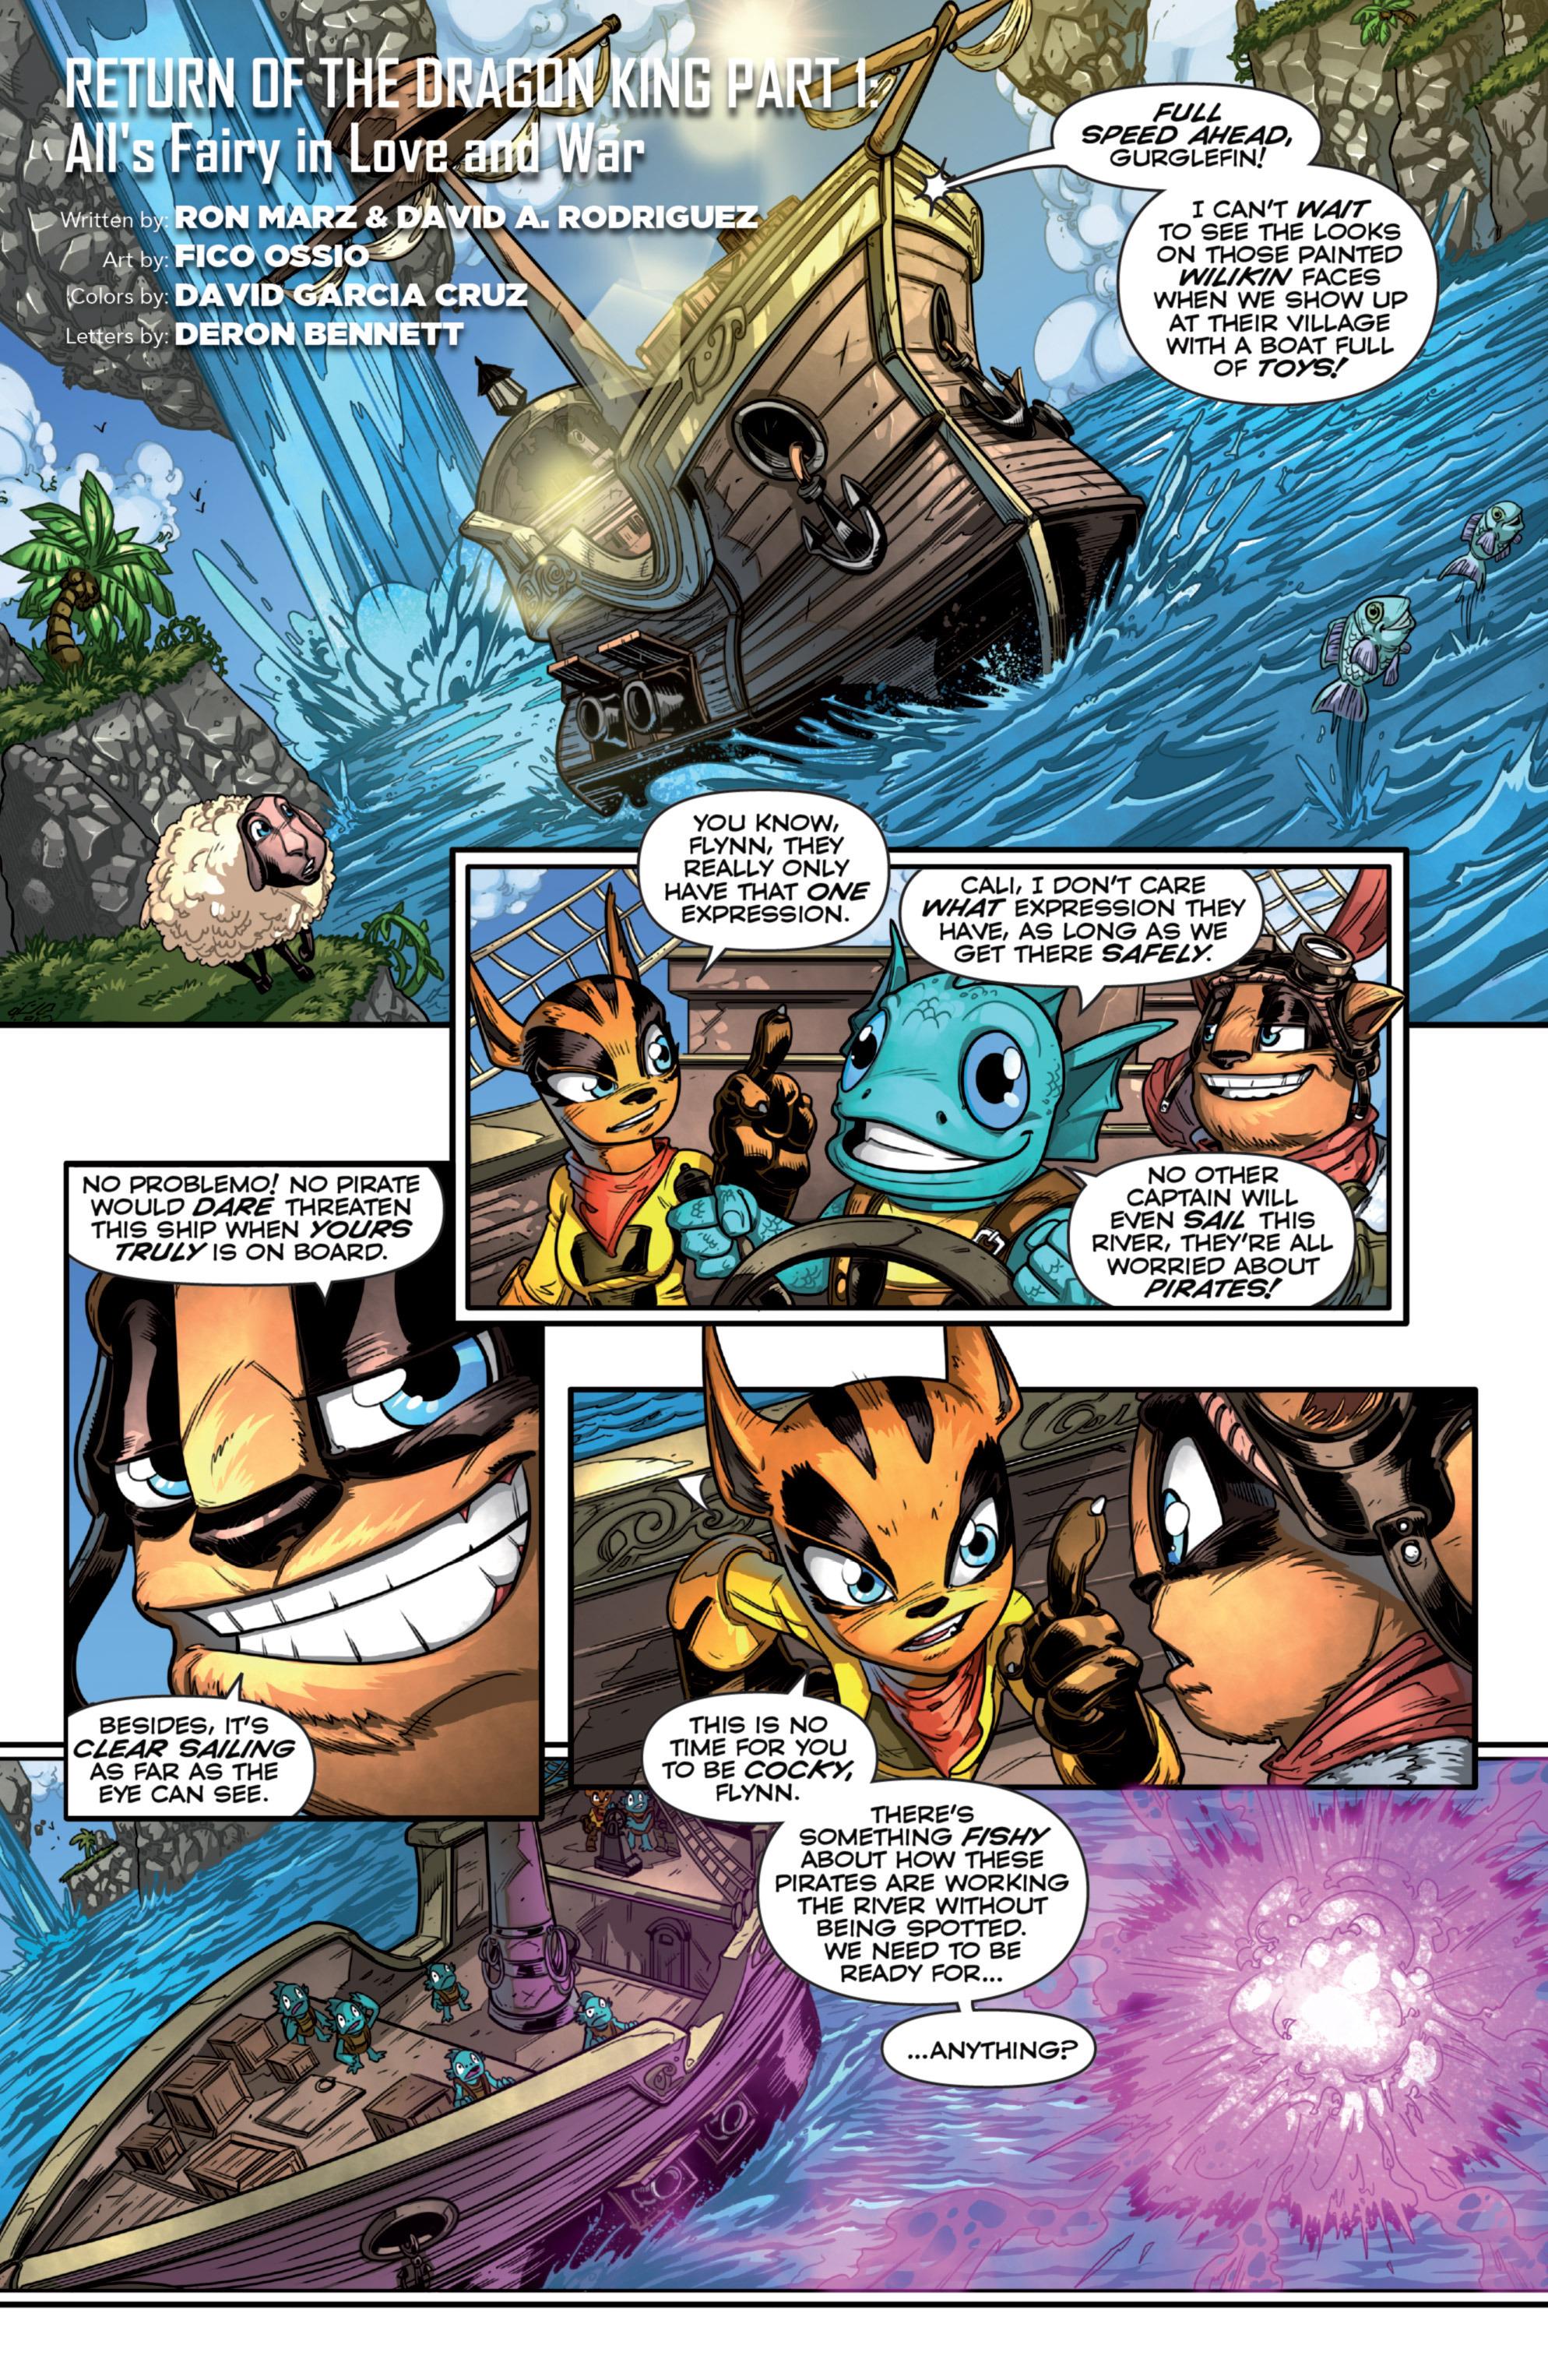 Read online Skylanders comic -  Issue #7 - 3